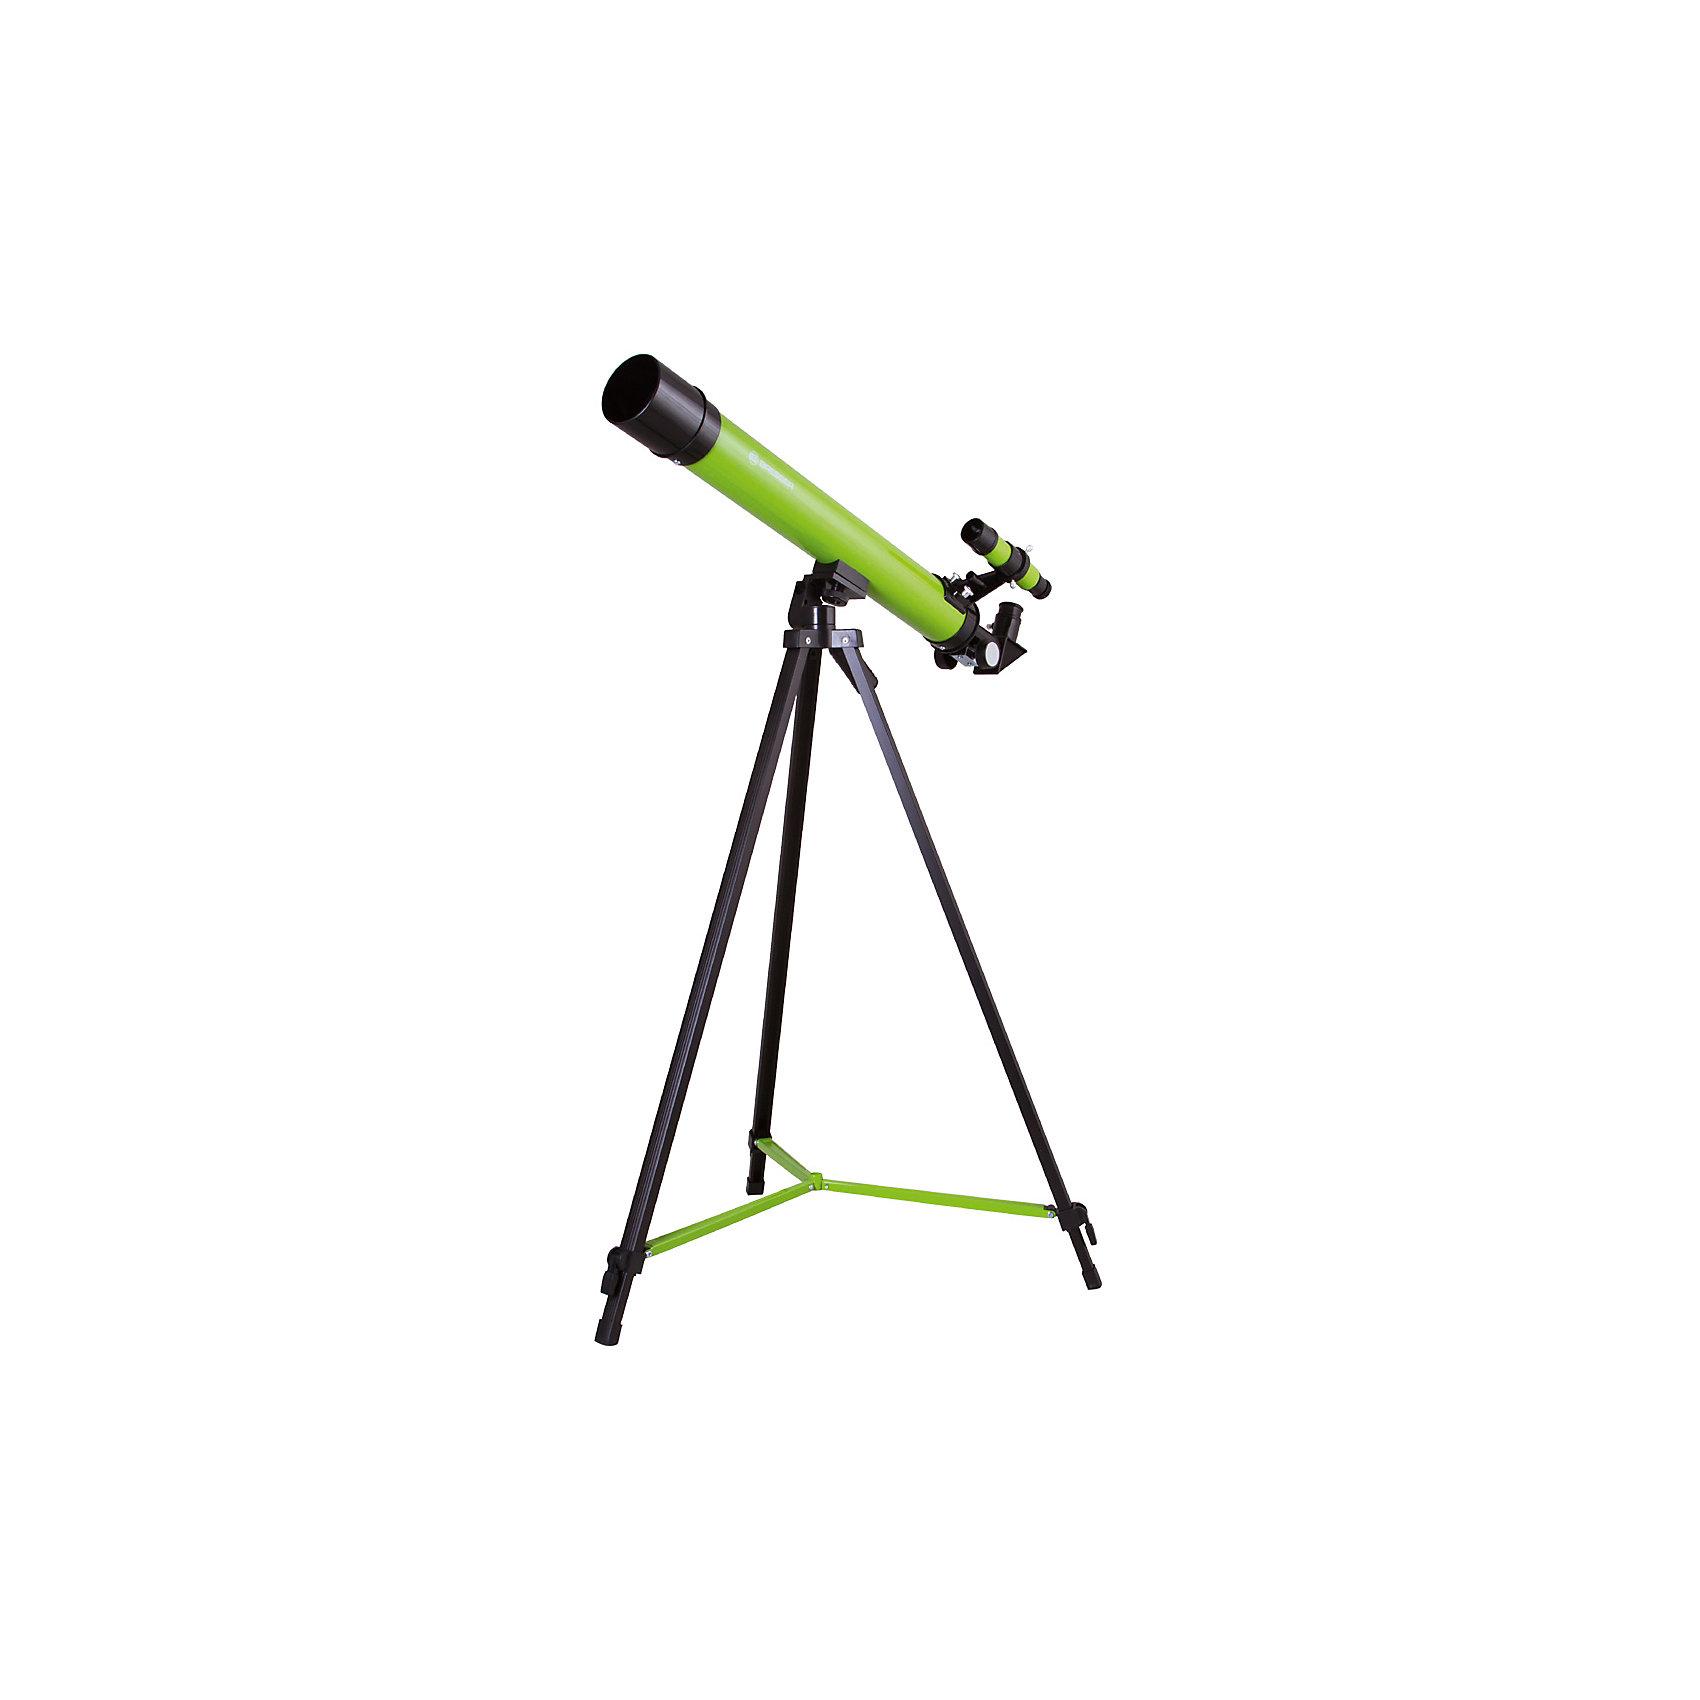 Телескоп Bresser Junior Space Explorer 45/600, зеленыйХарактеристики товара:<br><br>• материал: металл, пластик<br>• увеличение: до 100 крат<br>• диаметр объектива (апертура): 45 мм<br>• окуляры в комплекте: SR-6 мм и SR-12 мм, оборачивающий окуляр 1,5х<br>• искатель оптический: 6х30<br>• регулируемая алюминиевая тренога<br>• тип управления телескопом: ручной<br>• тип монтировки: азимутальная<br>• вес: 1,1 кг<br>• размер упаковки: 23х77х12 см<br>• комплектация: телескоп, окуляры, зеркало, тренога, карта<br>• страна бренда: Германия<br><br>Телескоп - это отличный способ заинтересовать ребенка наблюдениями за небесными телами и привить ему интерес к учебе. Эта модель была разработана специально для детей - он позволяет увеличивать предметы из космоса и изучать их. Благодаря легкому и прочному корпусу телескоп удобно брать с собой!<br><br>Оптические приборы от немецкой компании Bresser уже успели зарекомендовать себя как качественная и надежная продукция. Для их производства используются только безопасные и проверенные материалы. Такой прибор способен прослужить долго. Подарите ребенку интересную и полезную вещь!<br><br>Телескоп Bresser Junior Space Explorer 45/600, зеленый, от известного бренда Bresser (Брессер) можно купить в нашем интернет-магазине.<br><br>Ширина мм: 770<br>Глубина мм: 230<br>Высота мм: 125<br>Вес г: 2210<br>Возраст от месяцев: 60<br>Возраст до месяцев: 2147483647<br>Пол: Унисекс<br>Возраст: Детский<br>SKU: 5435325